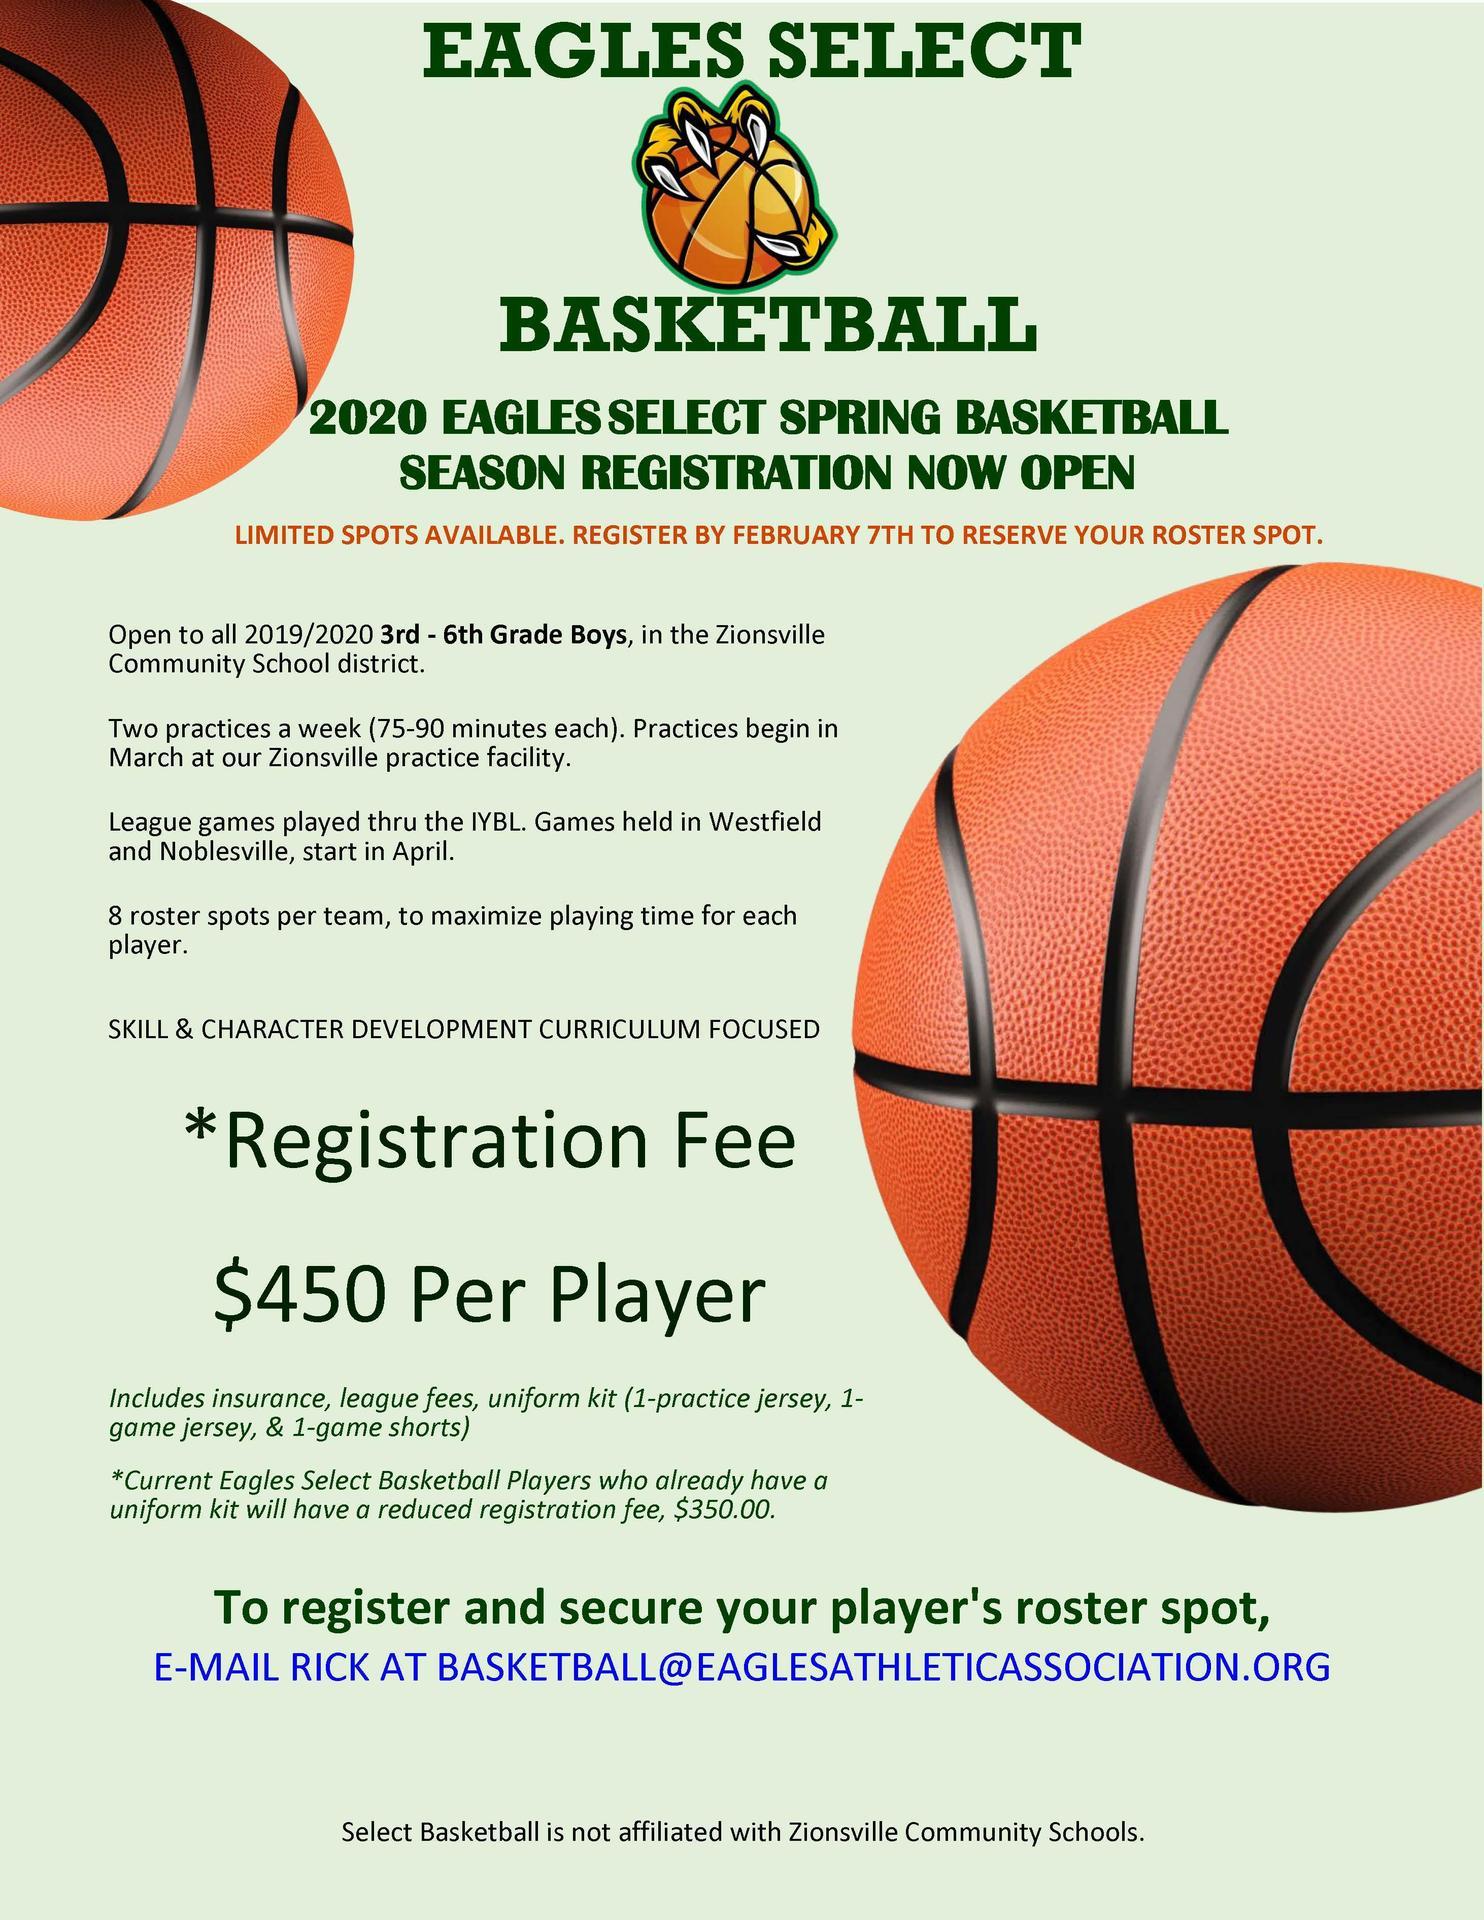 Eagle Select Basketball